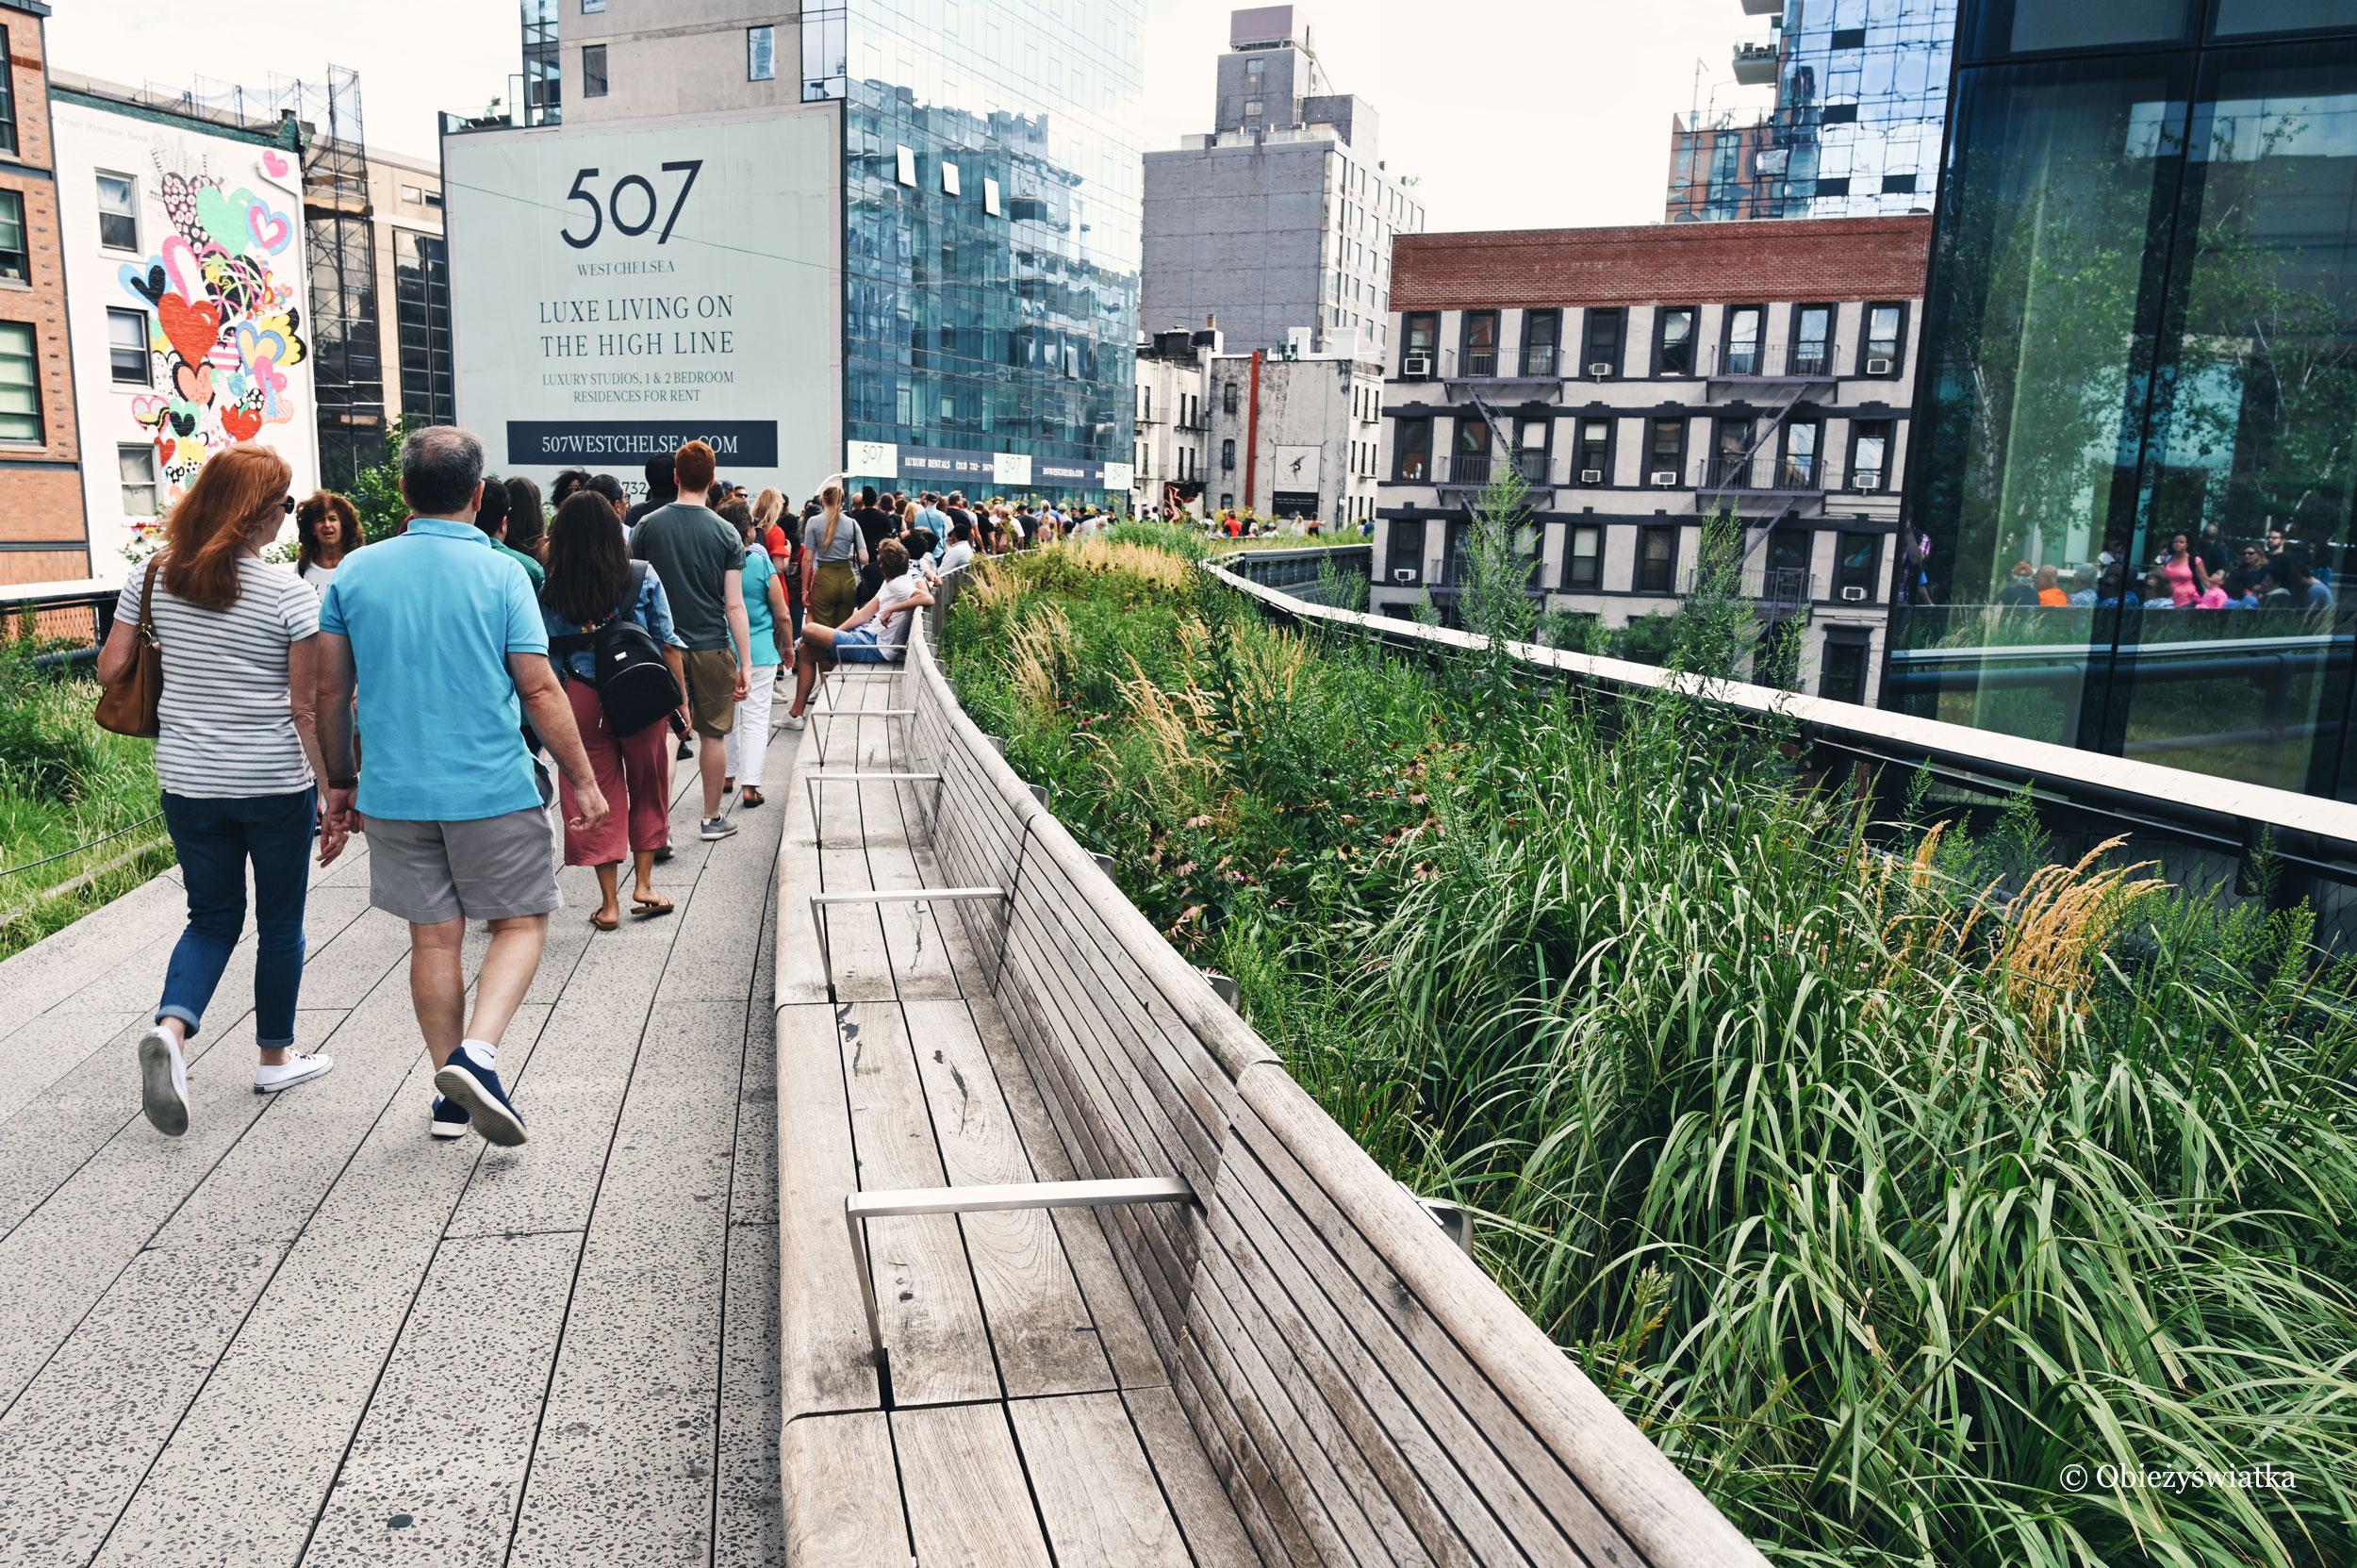 Spacerując po wąskiej trasie kolejowej - park High Line w Nowym Jorku